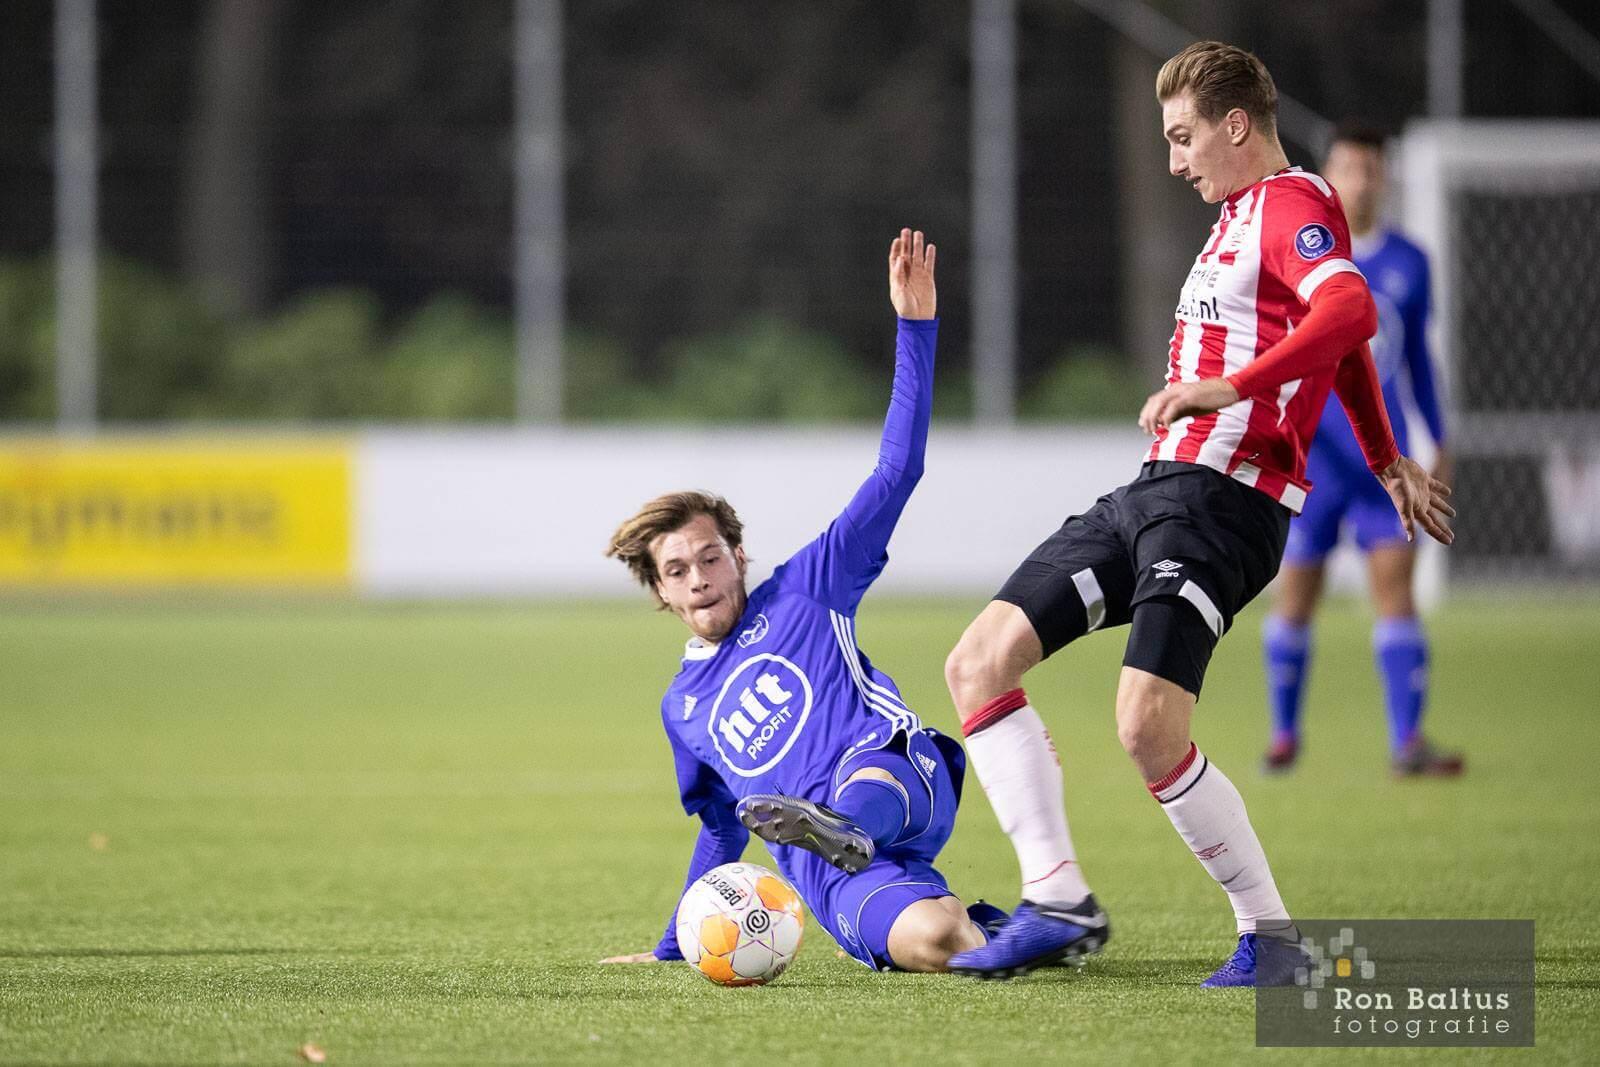 City sluit jaar af met blamage bij Jong PSV